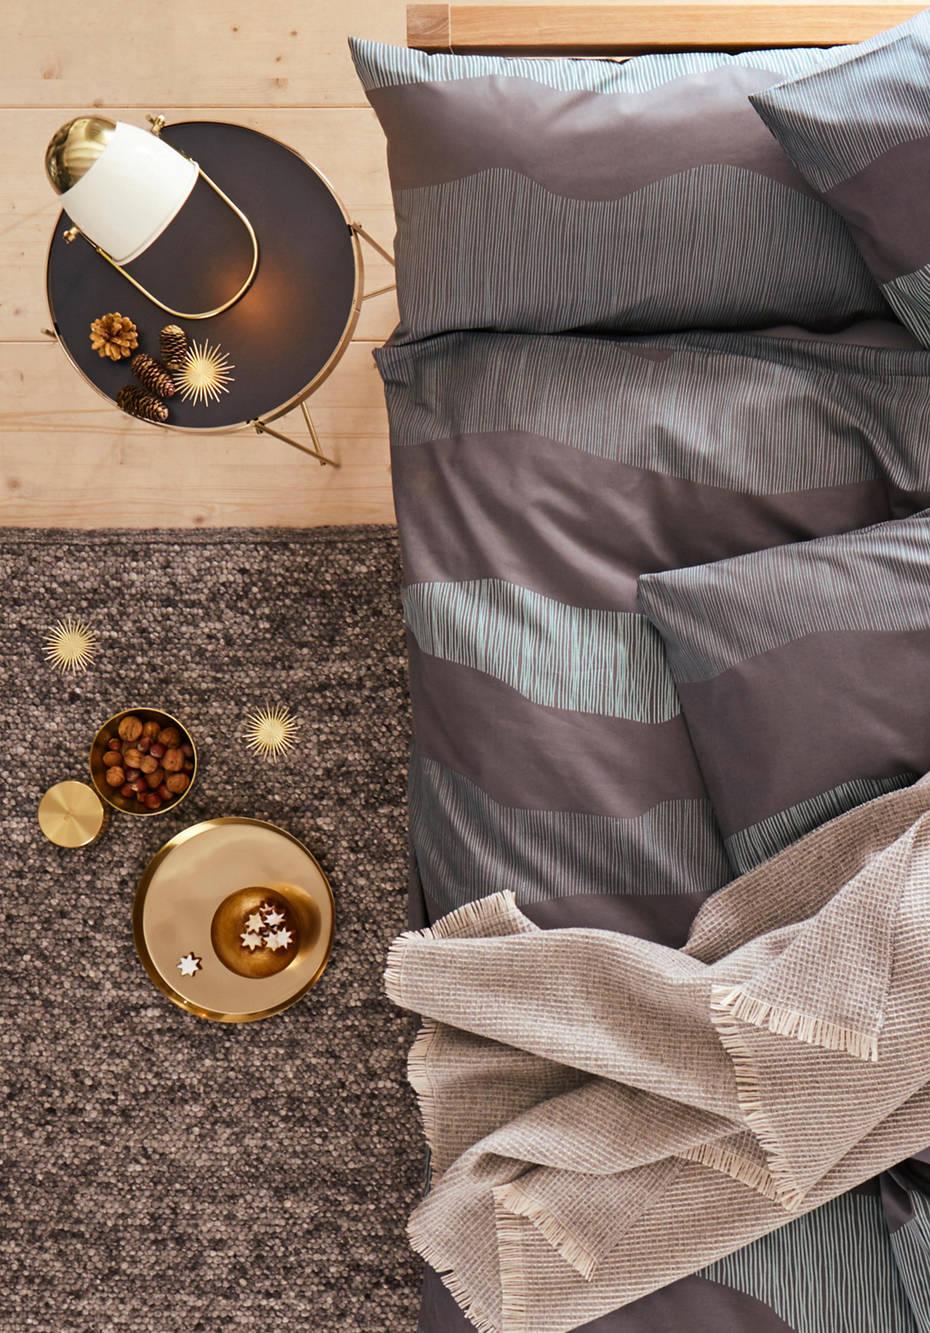 teppich rh nschaf aus reiner schurwolle hessnatur sterreich. Black Bedroom Furniture Sets. Home Design Ideas